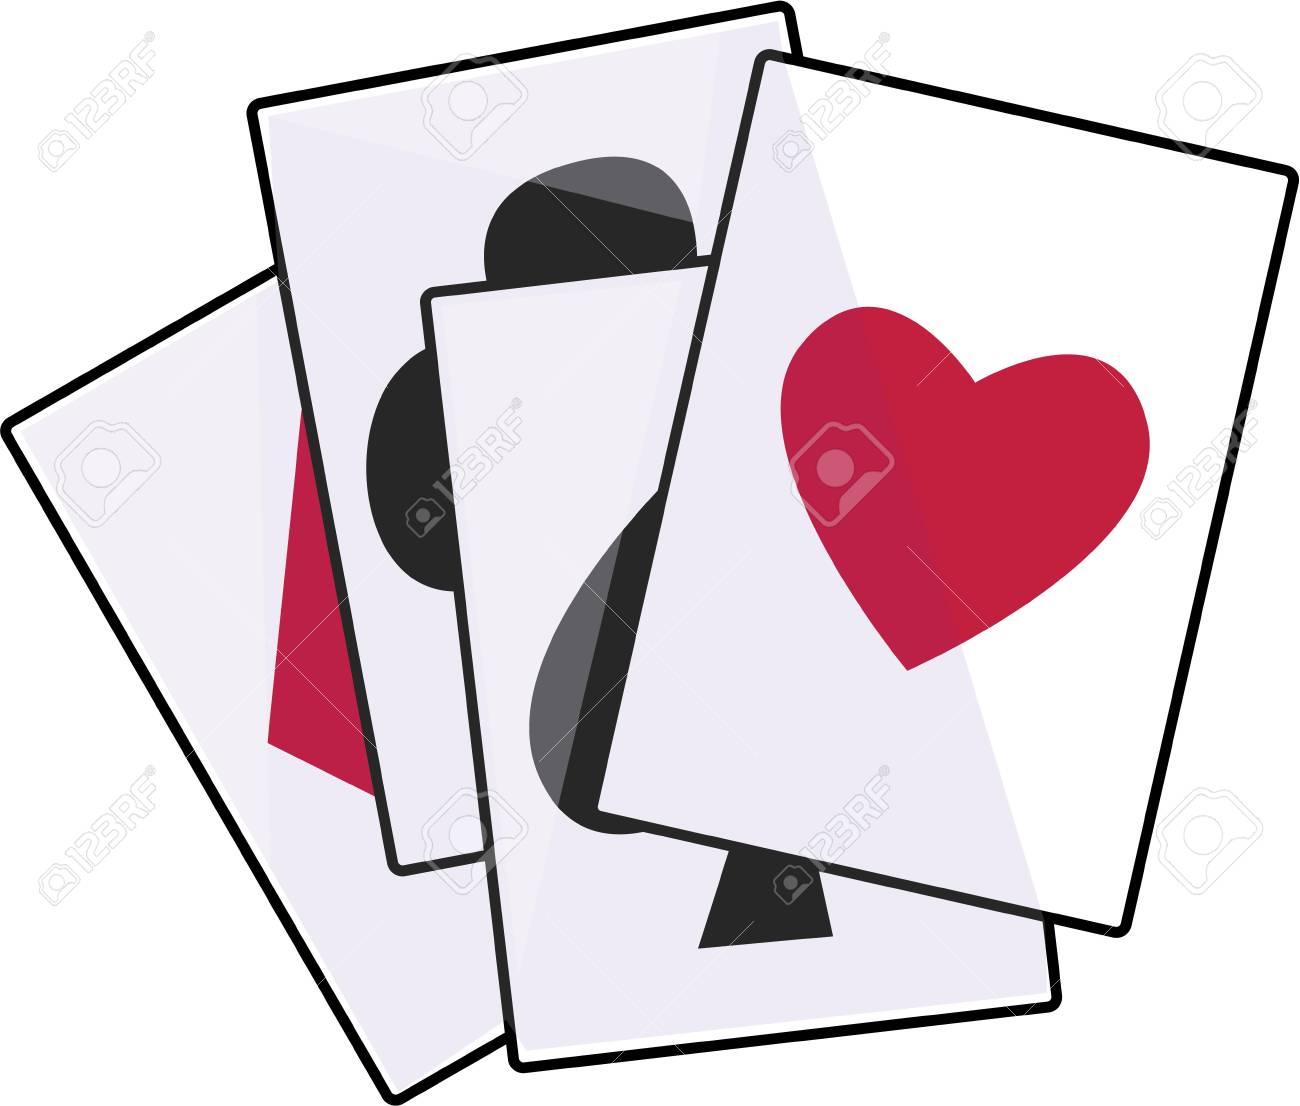 La Vida Es Como Un Juego De Póker. No Puedes Renunciar Cuando Estás ...